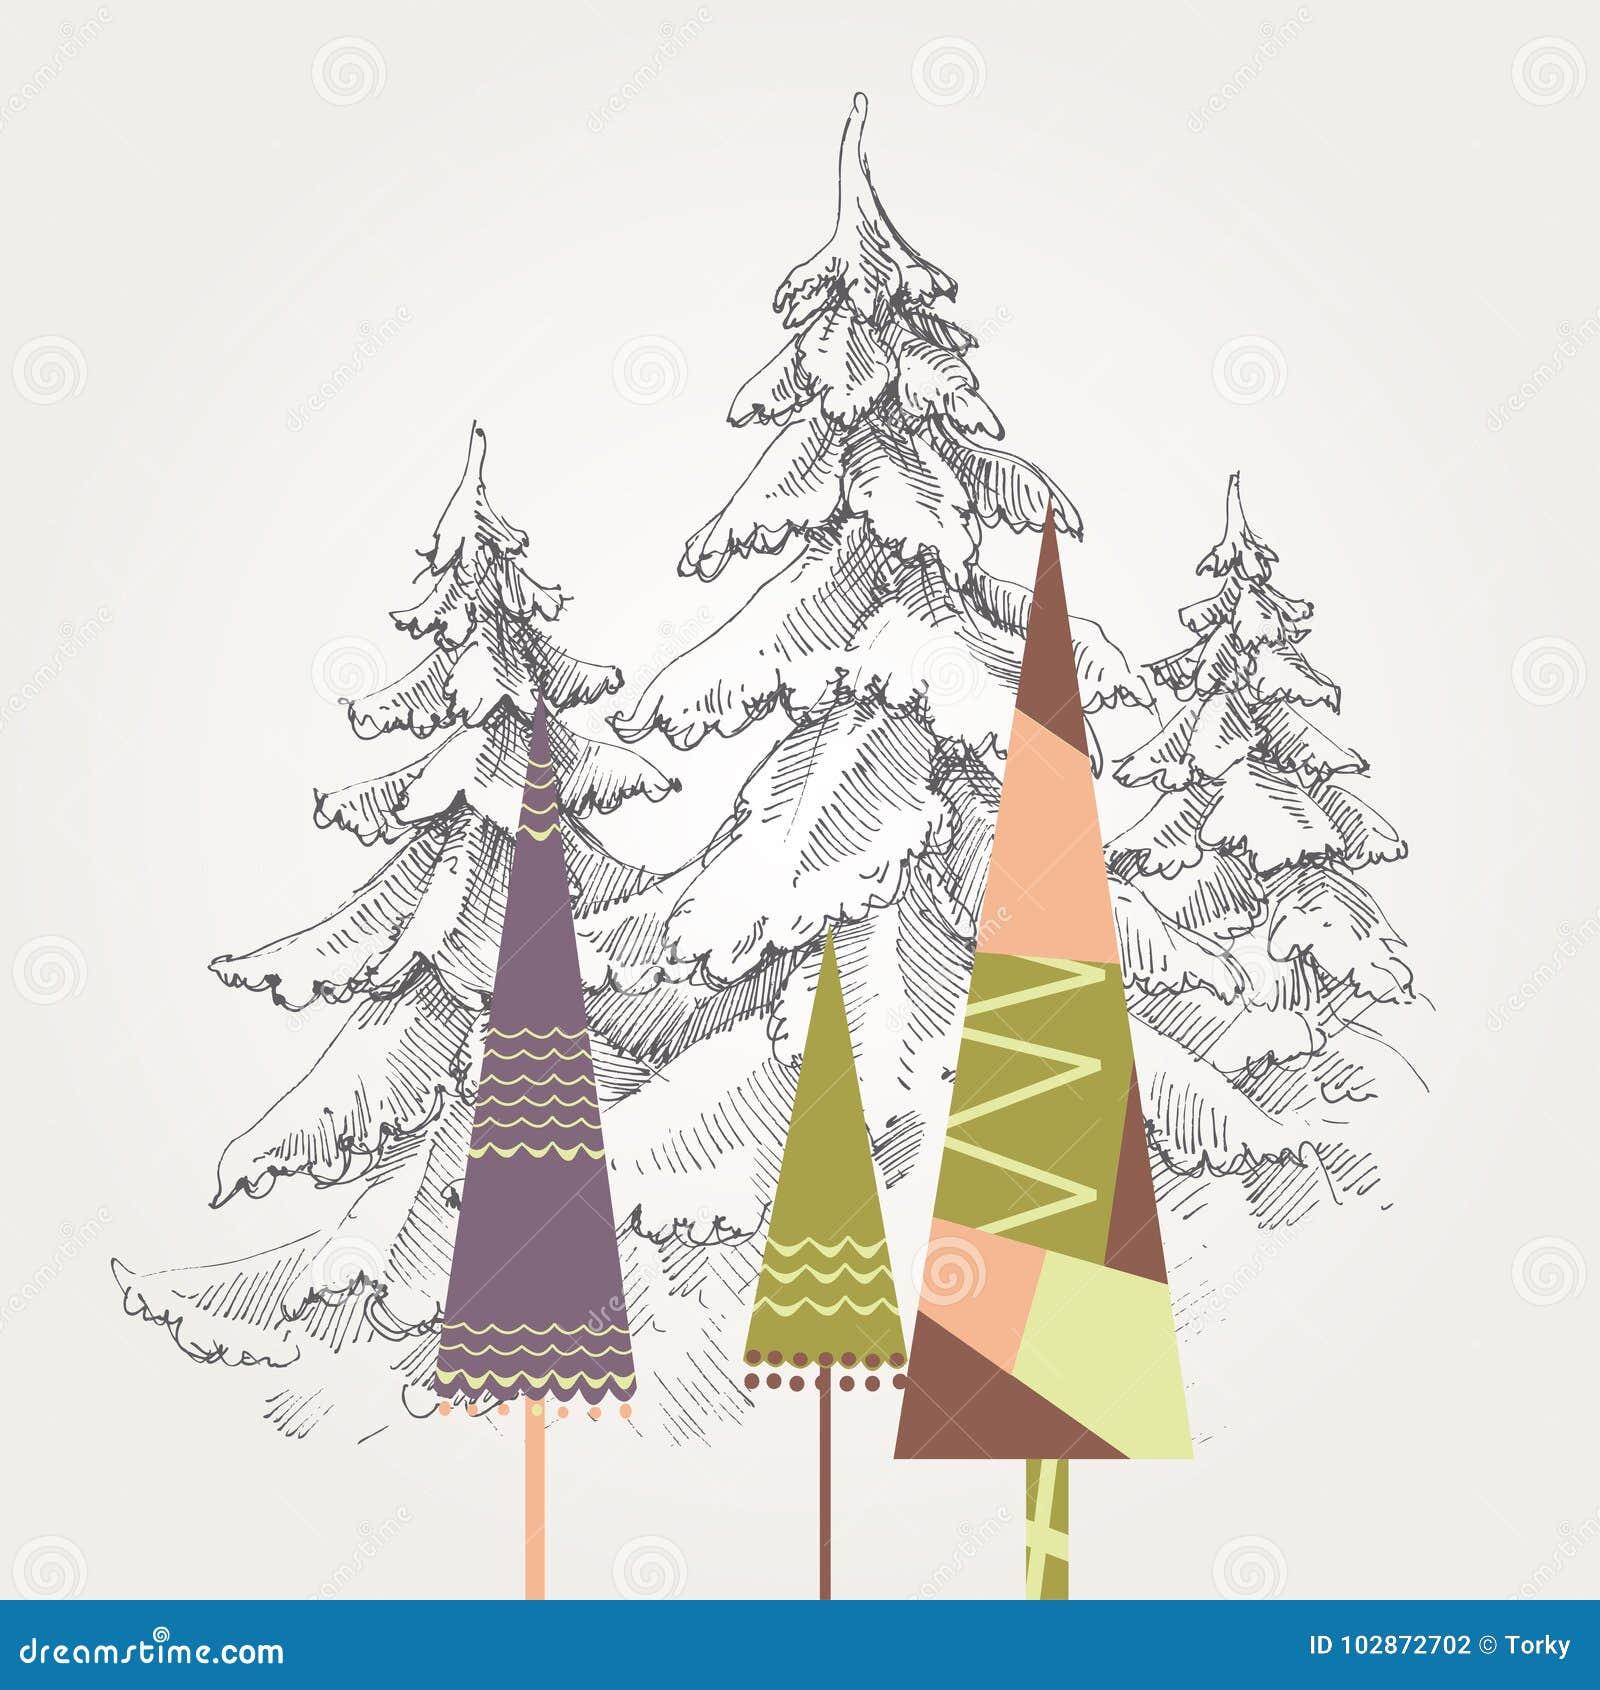 Immagini Stilizzate Di Natale.Alberi Di Natale Stilizzati Illustrazione Vettoriale